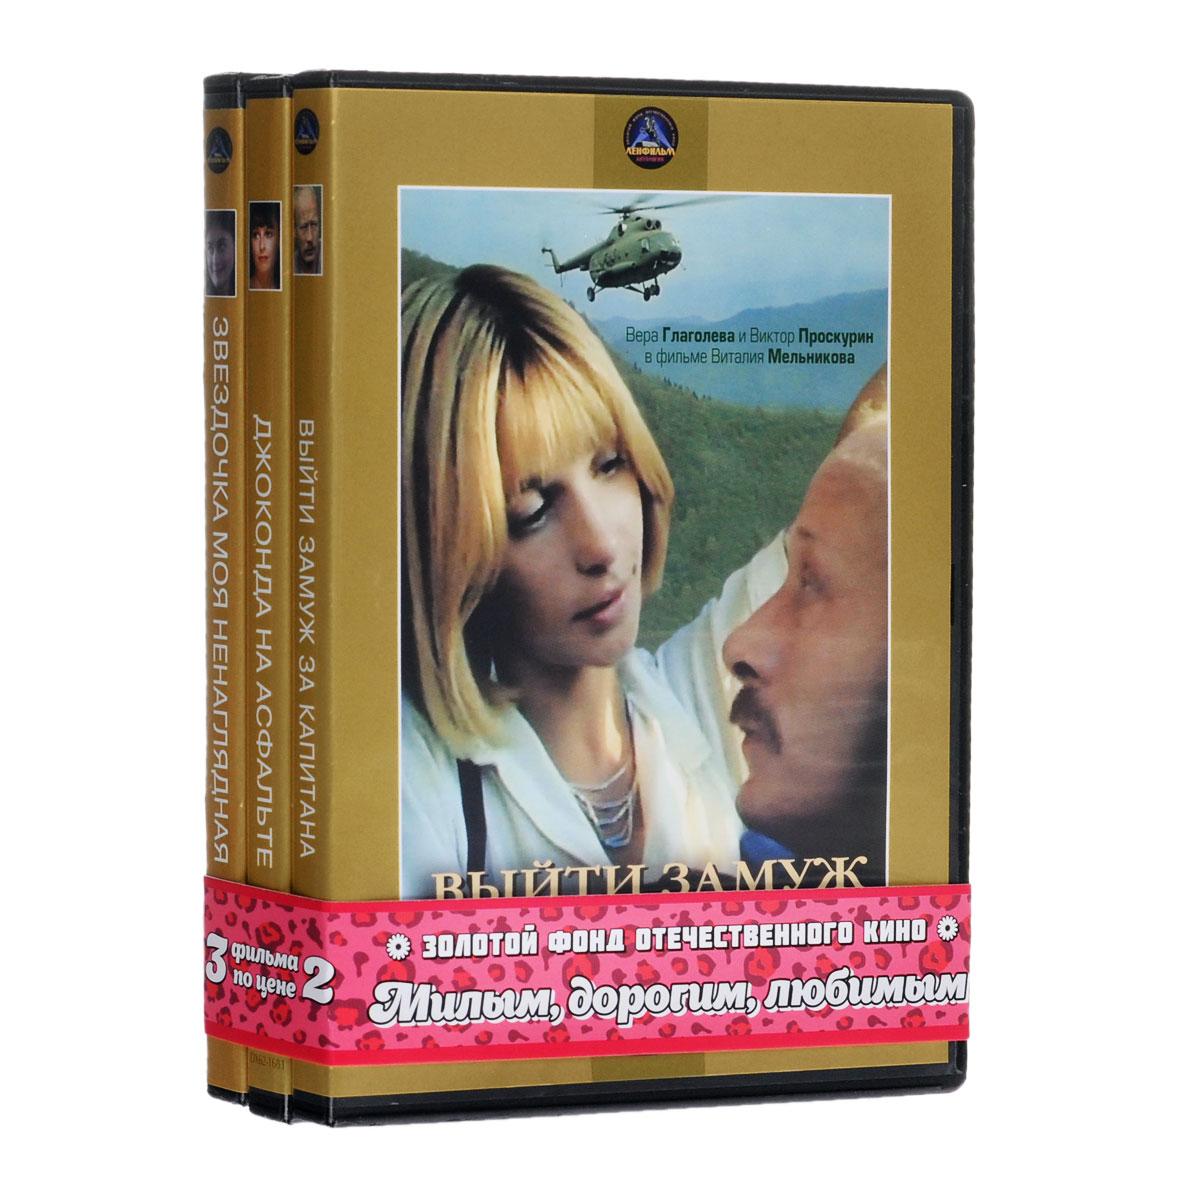 Милым, дорогим, любимым: Выйти замуж за капитана / Джоконда на асфальте / Звездочка моя ненаглядная (3 DVD)